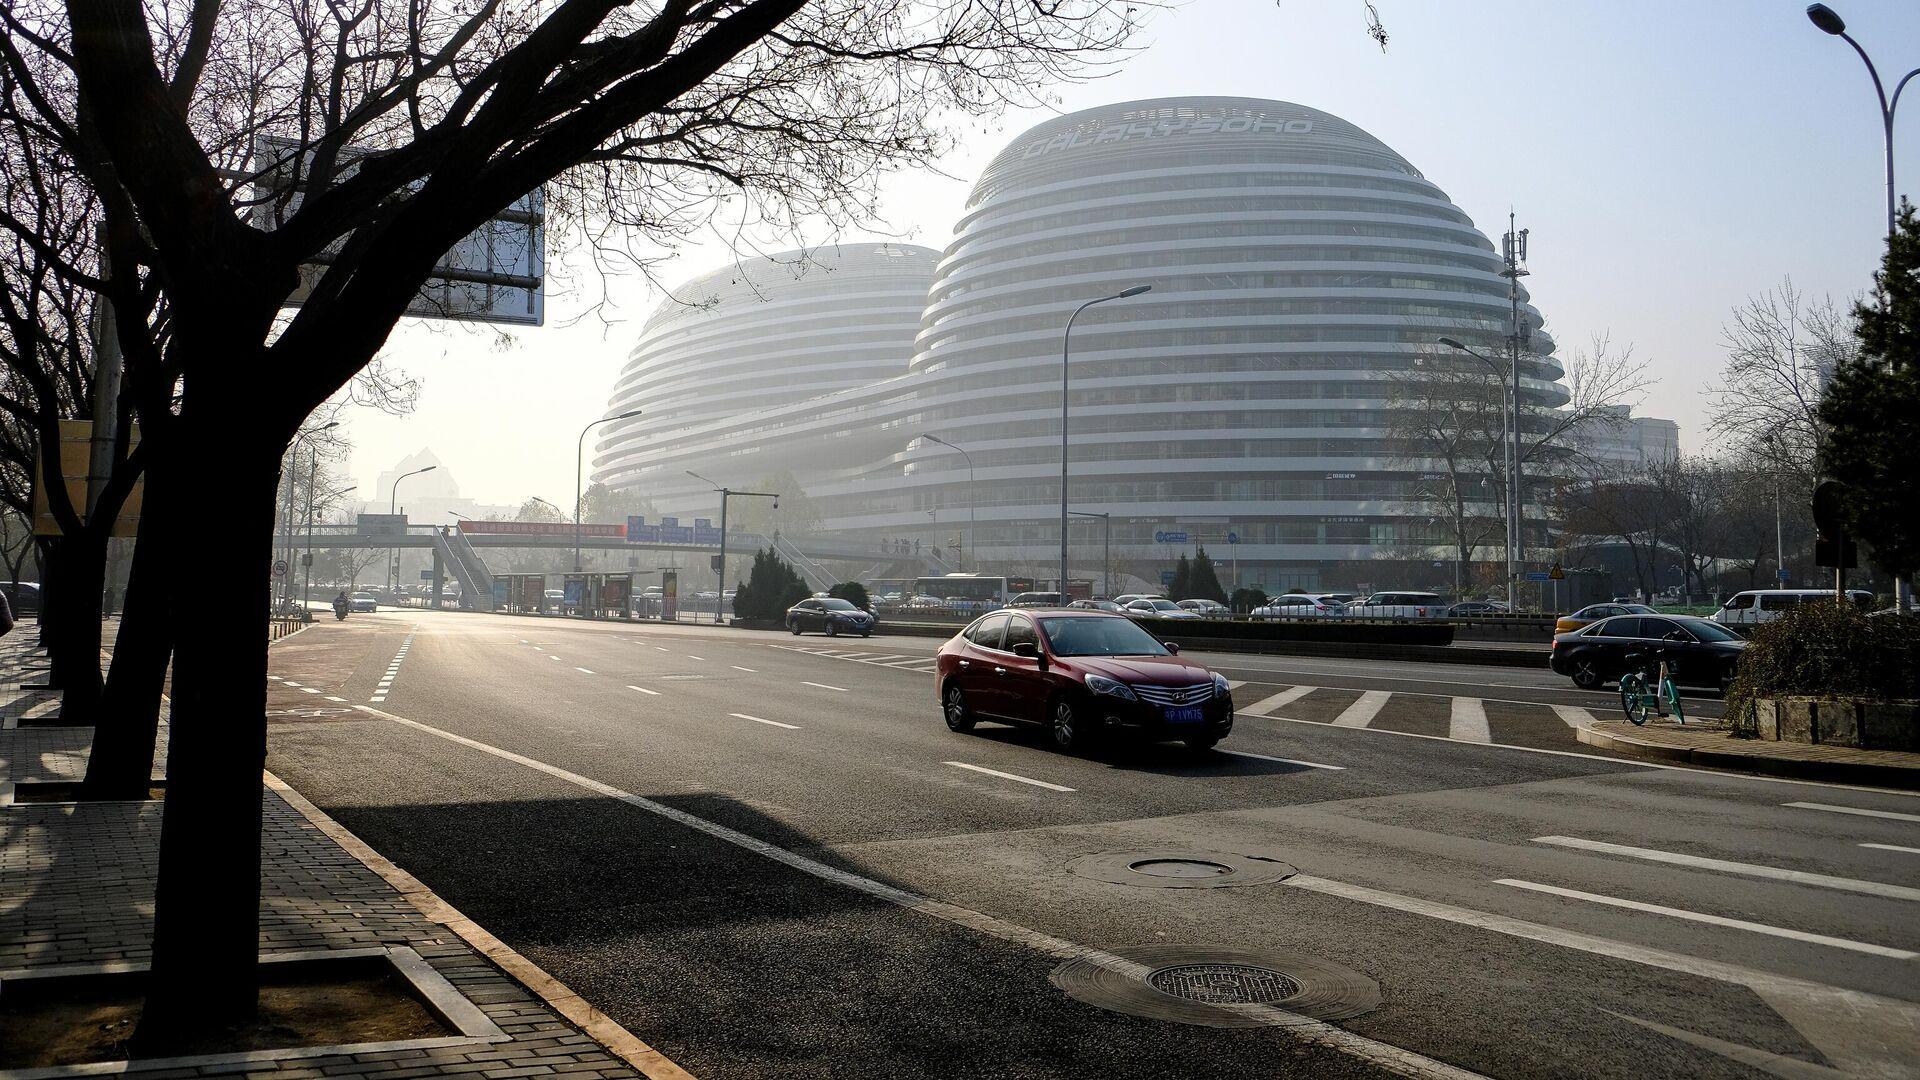 В Пекине началось тестирование беспилотных транспортных средств доставки